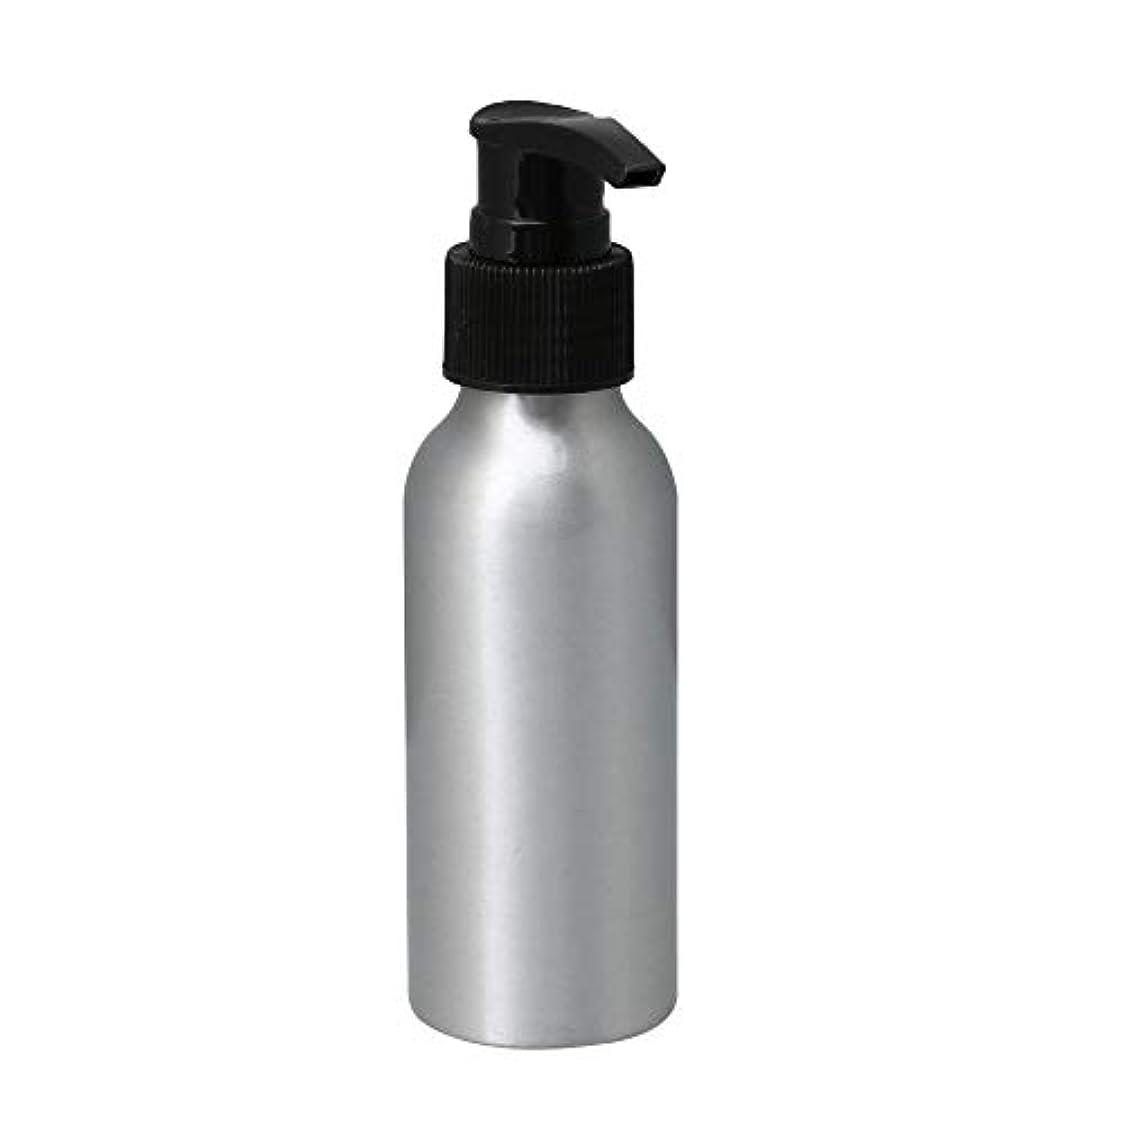 チャンス性的風味ポンプボトル 100ml コスメ用詰替え容器 詰め替え用ボトル アルミボトル 繰り返し使用 噴霧器 アルミボトル 黒ポンプヘッド